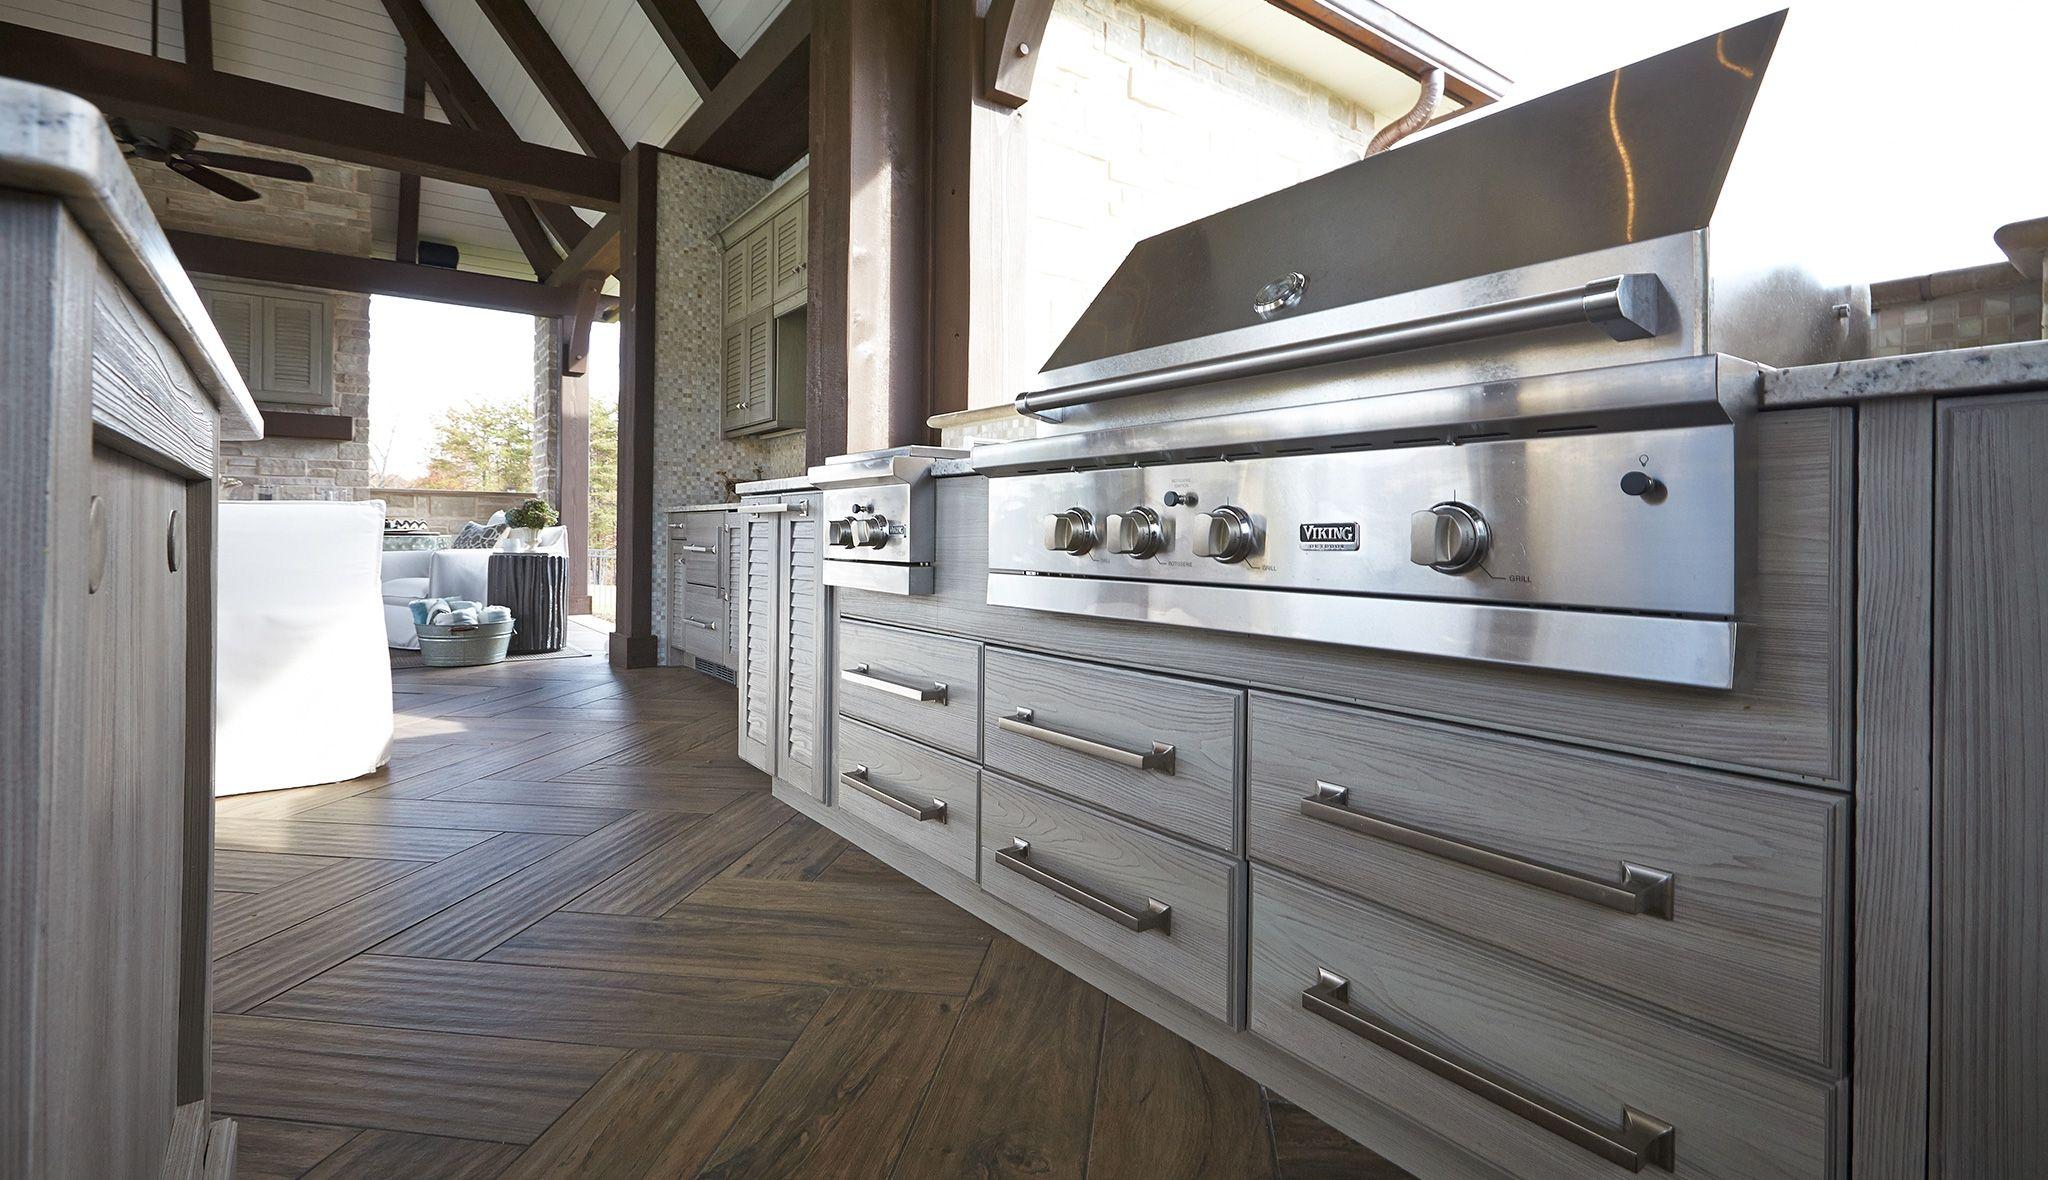 Marine Grade Polymer Outdoor Kitchen Cabinets Outdoor Kitchen Cabinets Outdoor Cabinet Outdoor Kitchen